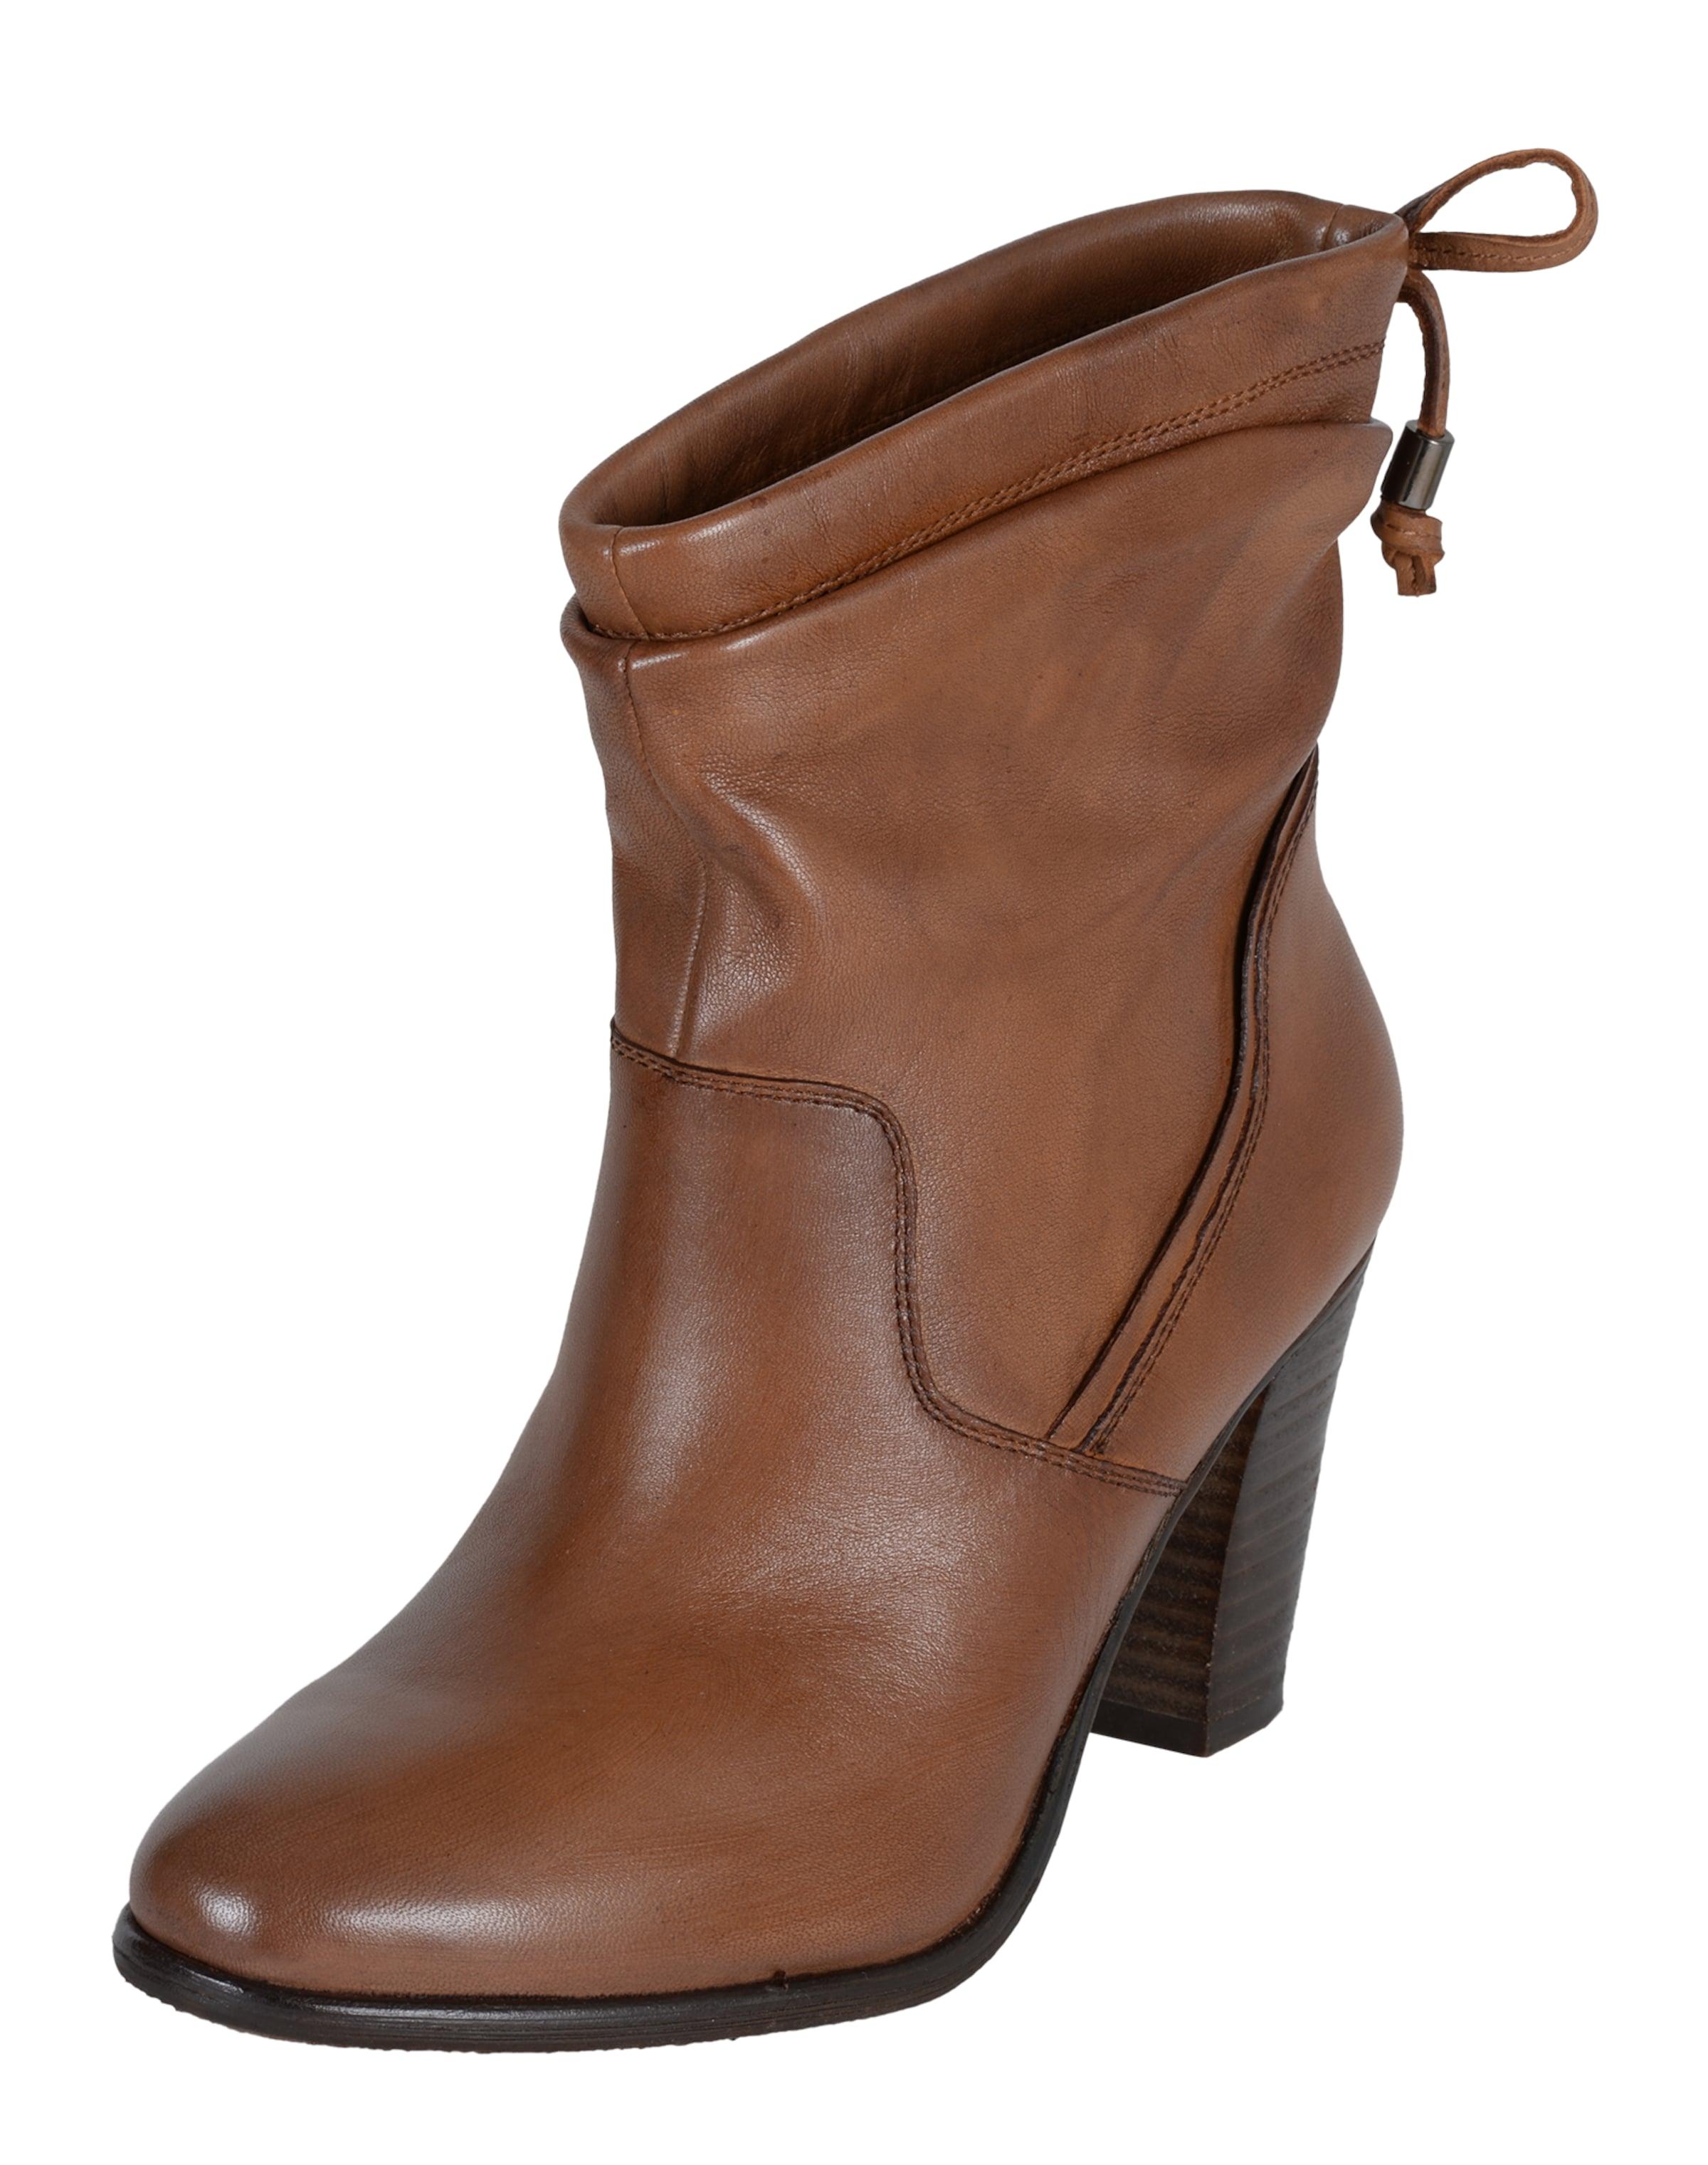 SPM | Ankle Boots 'Giovana' aus Leder Schuhe Gut getragene Schuhe